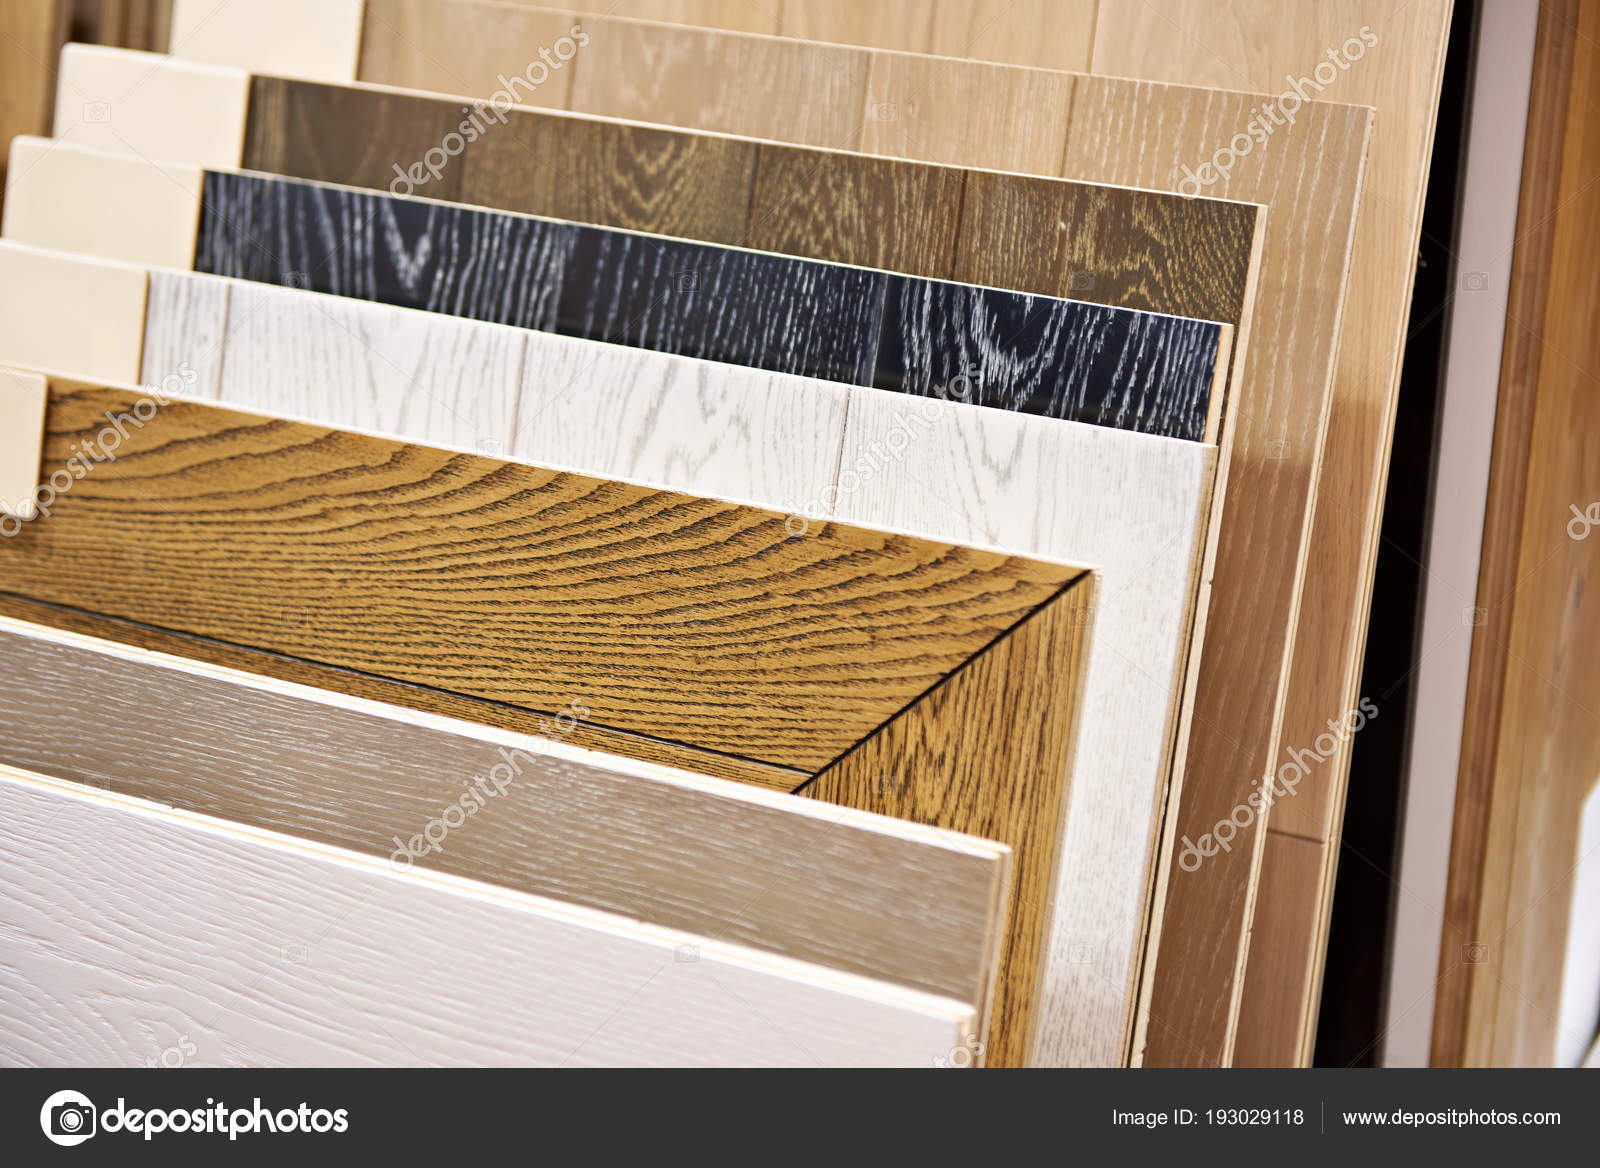 Decorazioni In Legno Per Pareti : Pannelli decorativi in legno per pareti e pavimento u foto stock